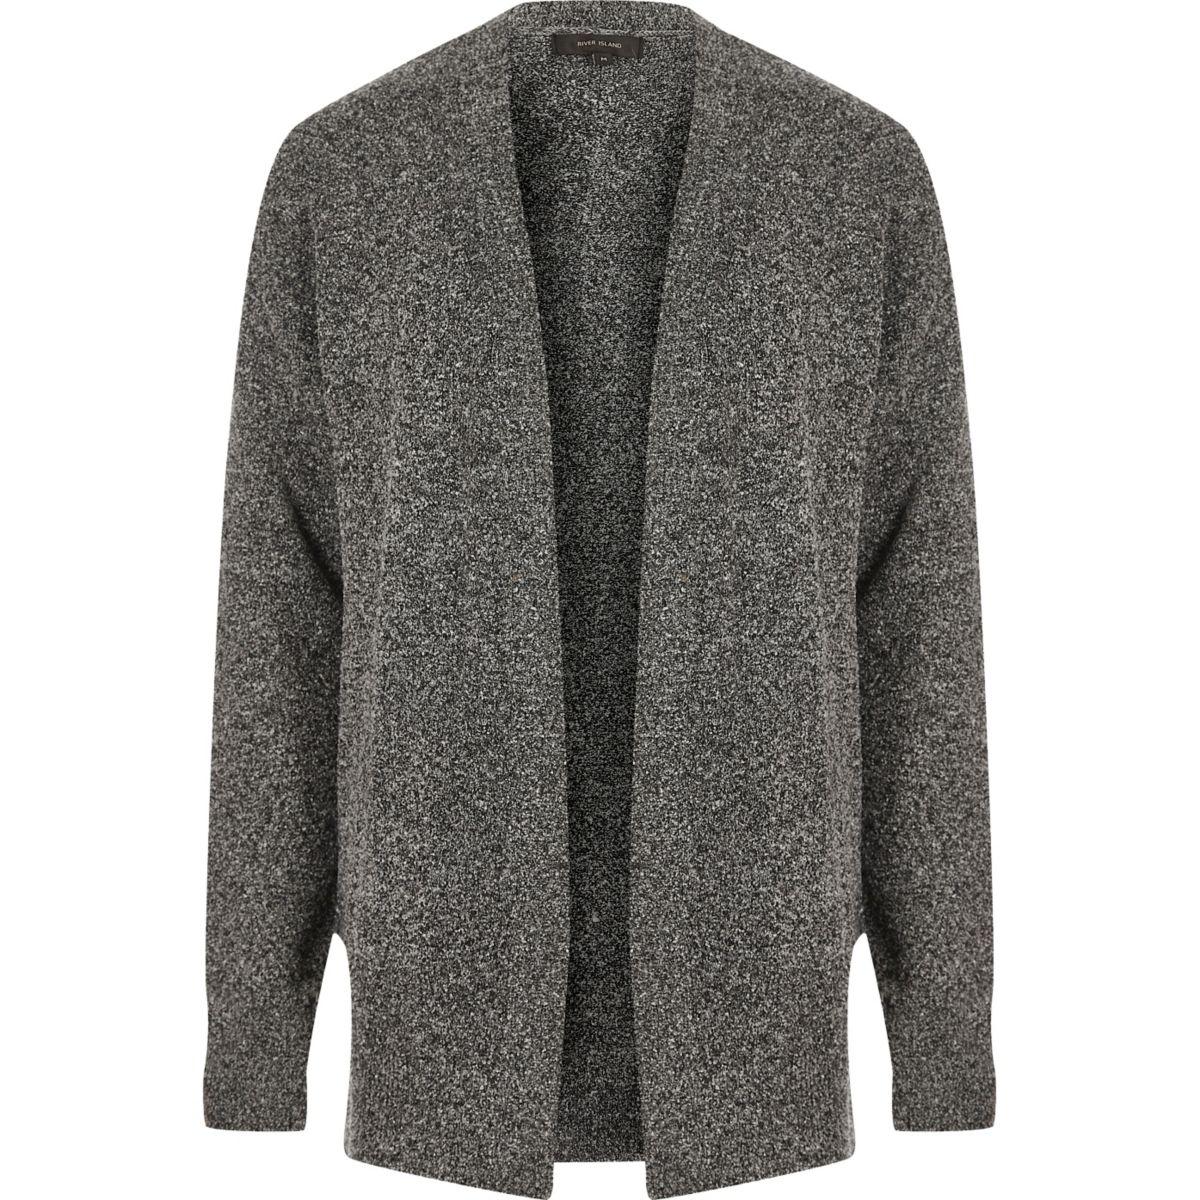 Grey slouchy cardigan